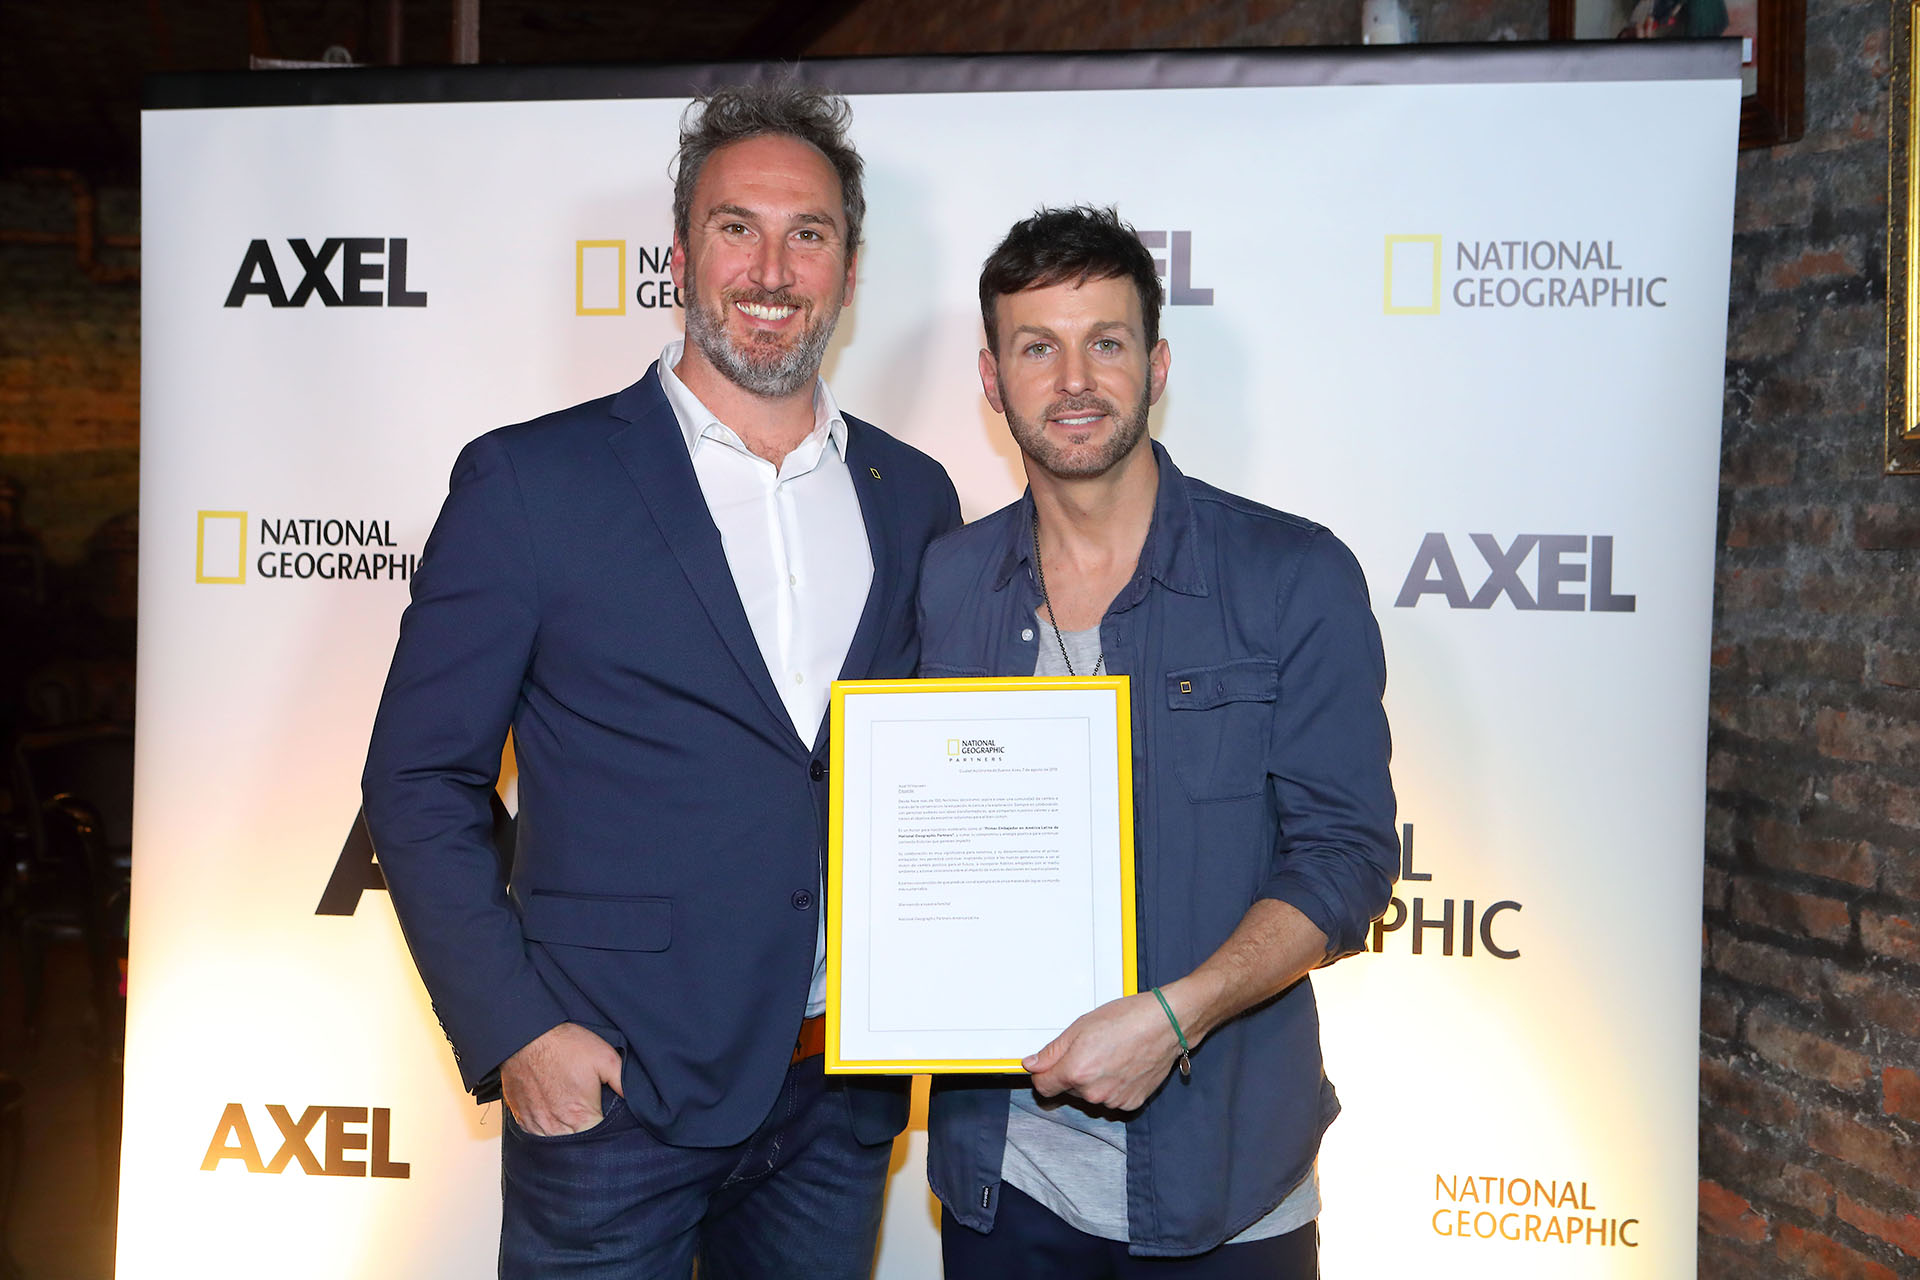 Axel fue nombrado Primer Embajador en América Latina de National Geographic Partners. El cantante obtuvo este reconocimiento por su compromiso ambiental y social